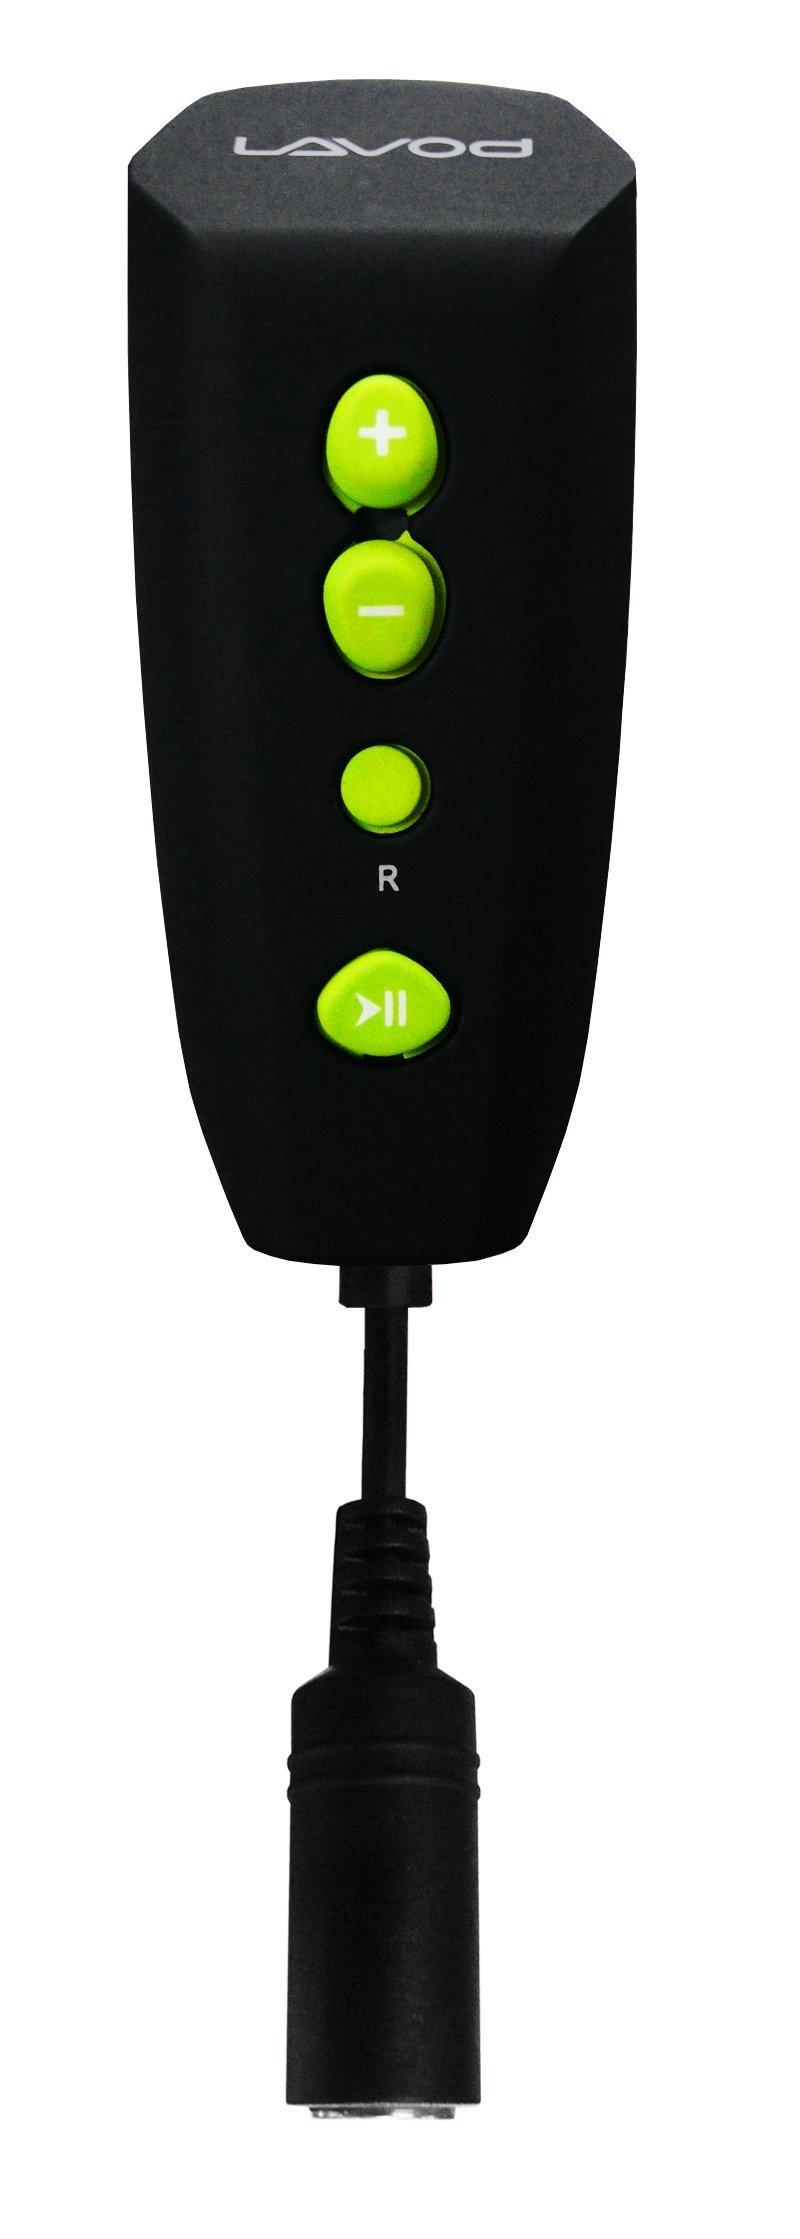 3-in-1 Super Function,Lettore MP3 musicale impermeabile, radio FM,Pedometro professionale sportivo